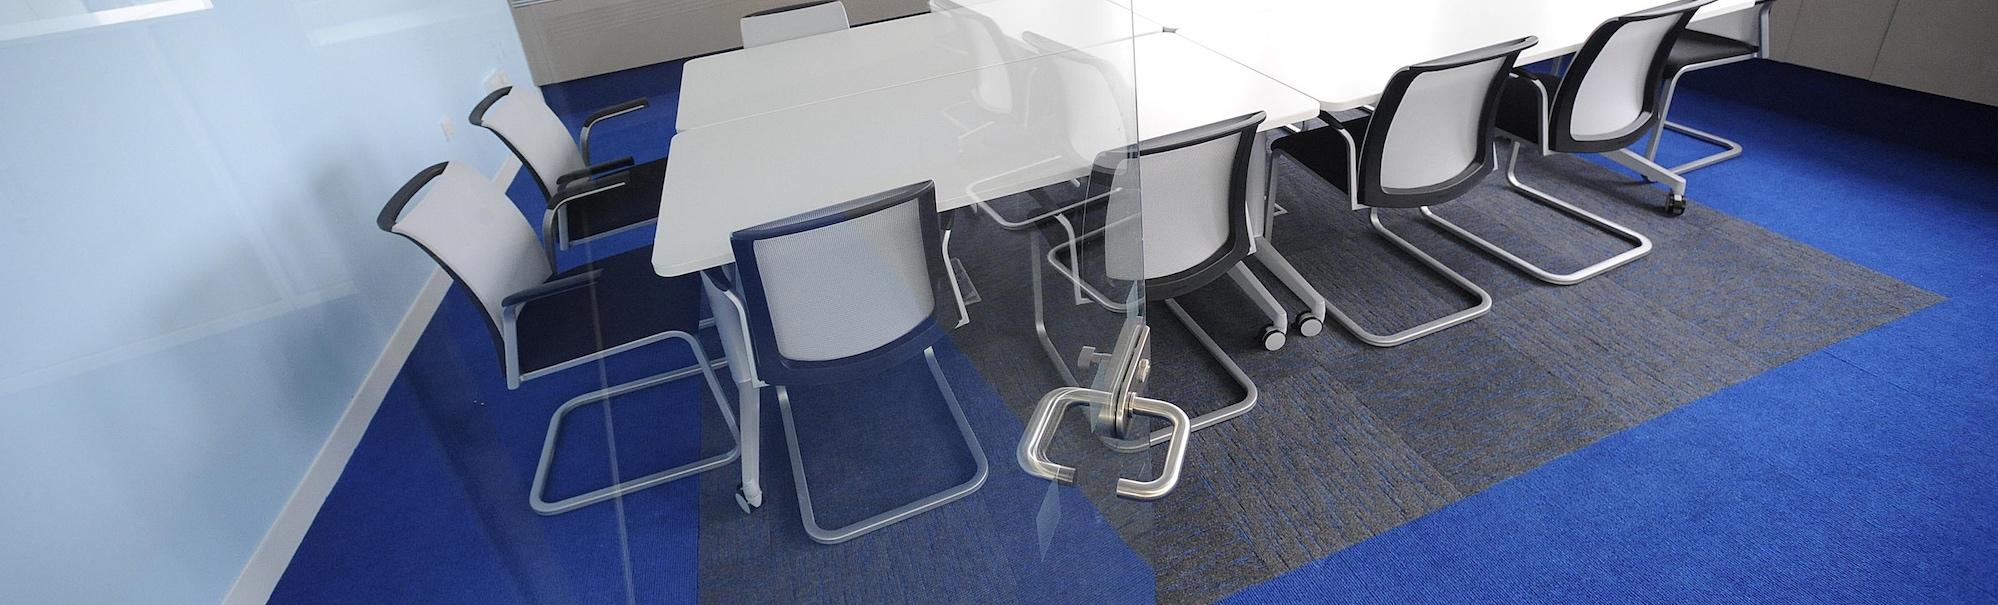 Heckmondwike | Commercial Carpet